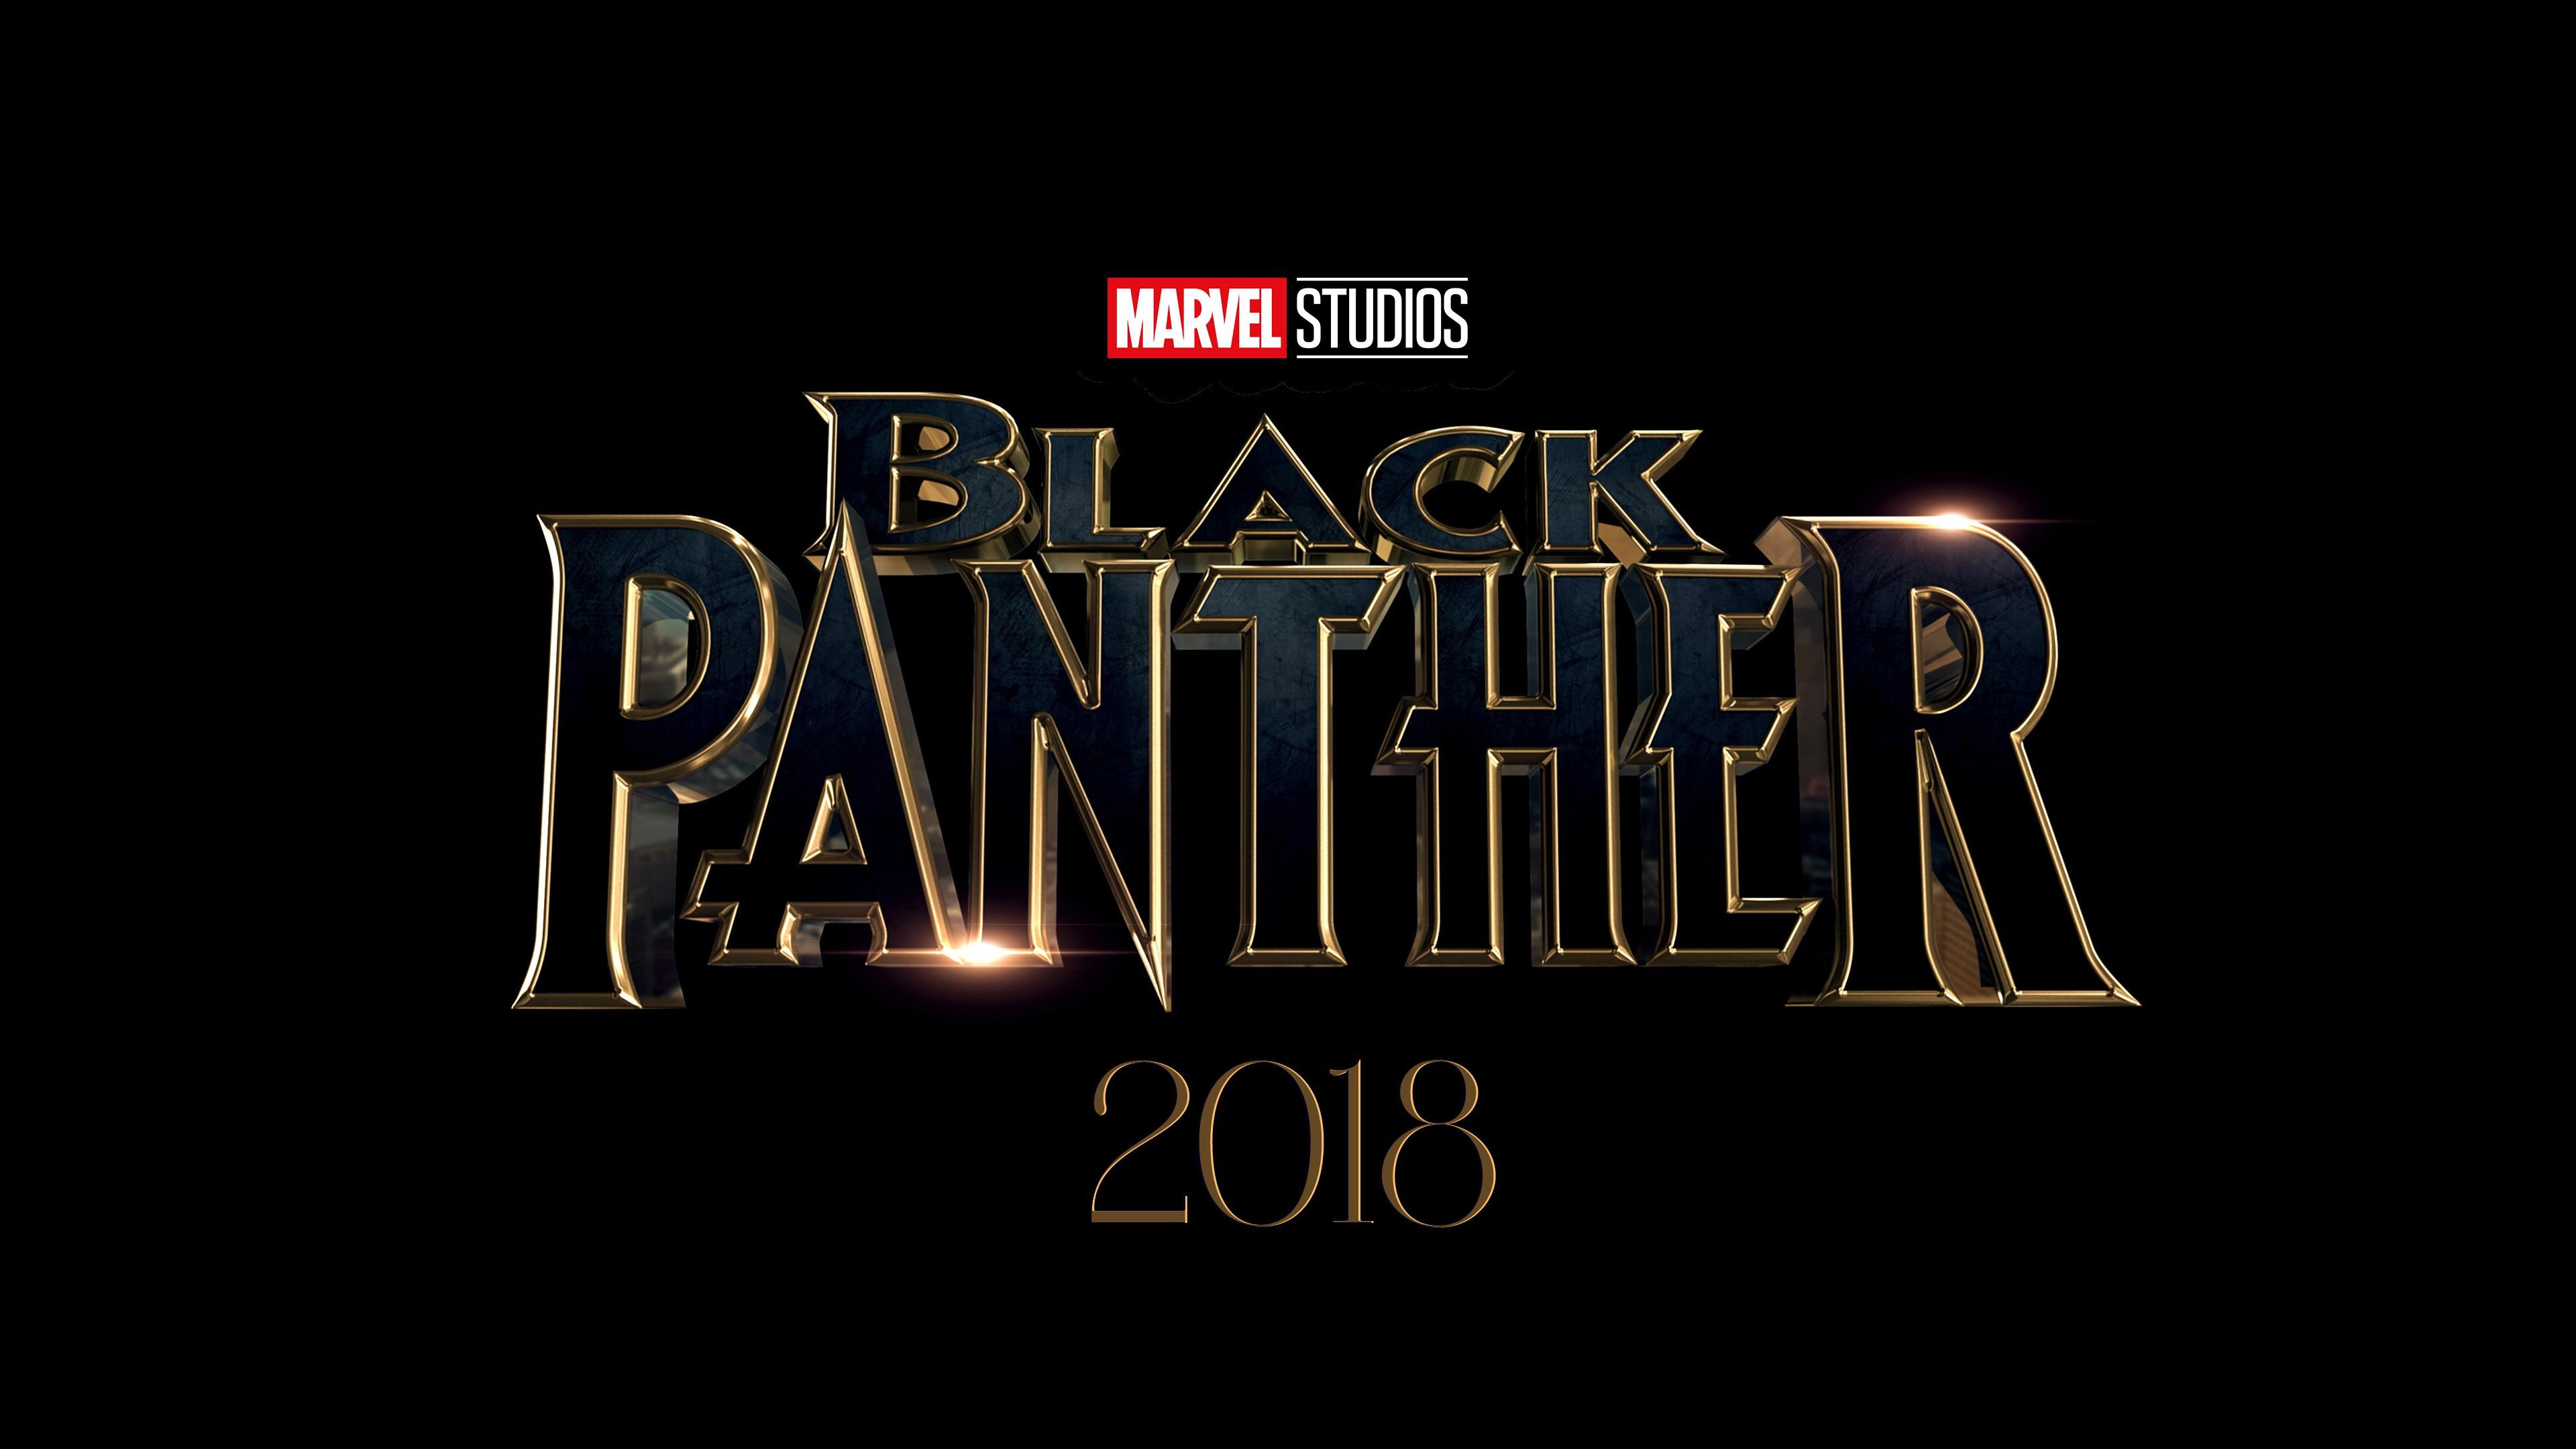 Wallpaper Black Panther 4k 2018 Poster Movies 13660